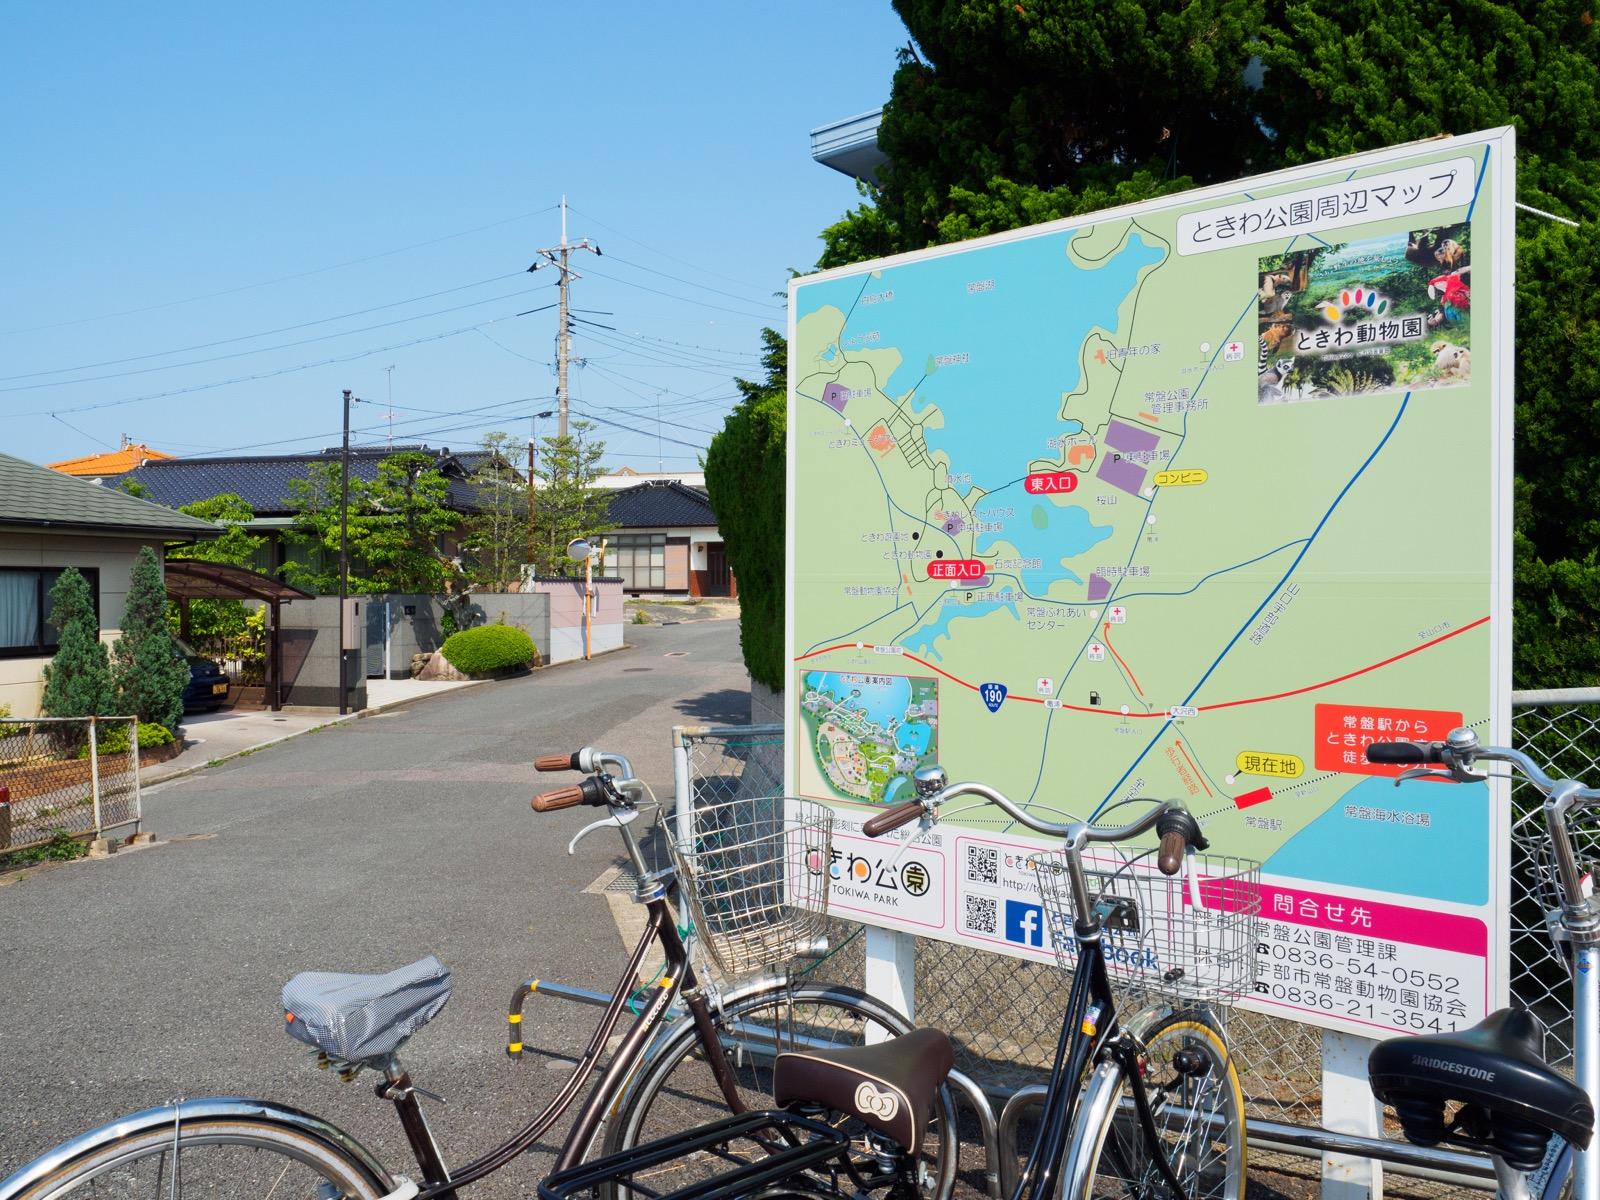 常盤駅前のときわ公園への地図